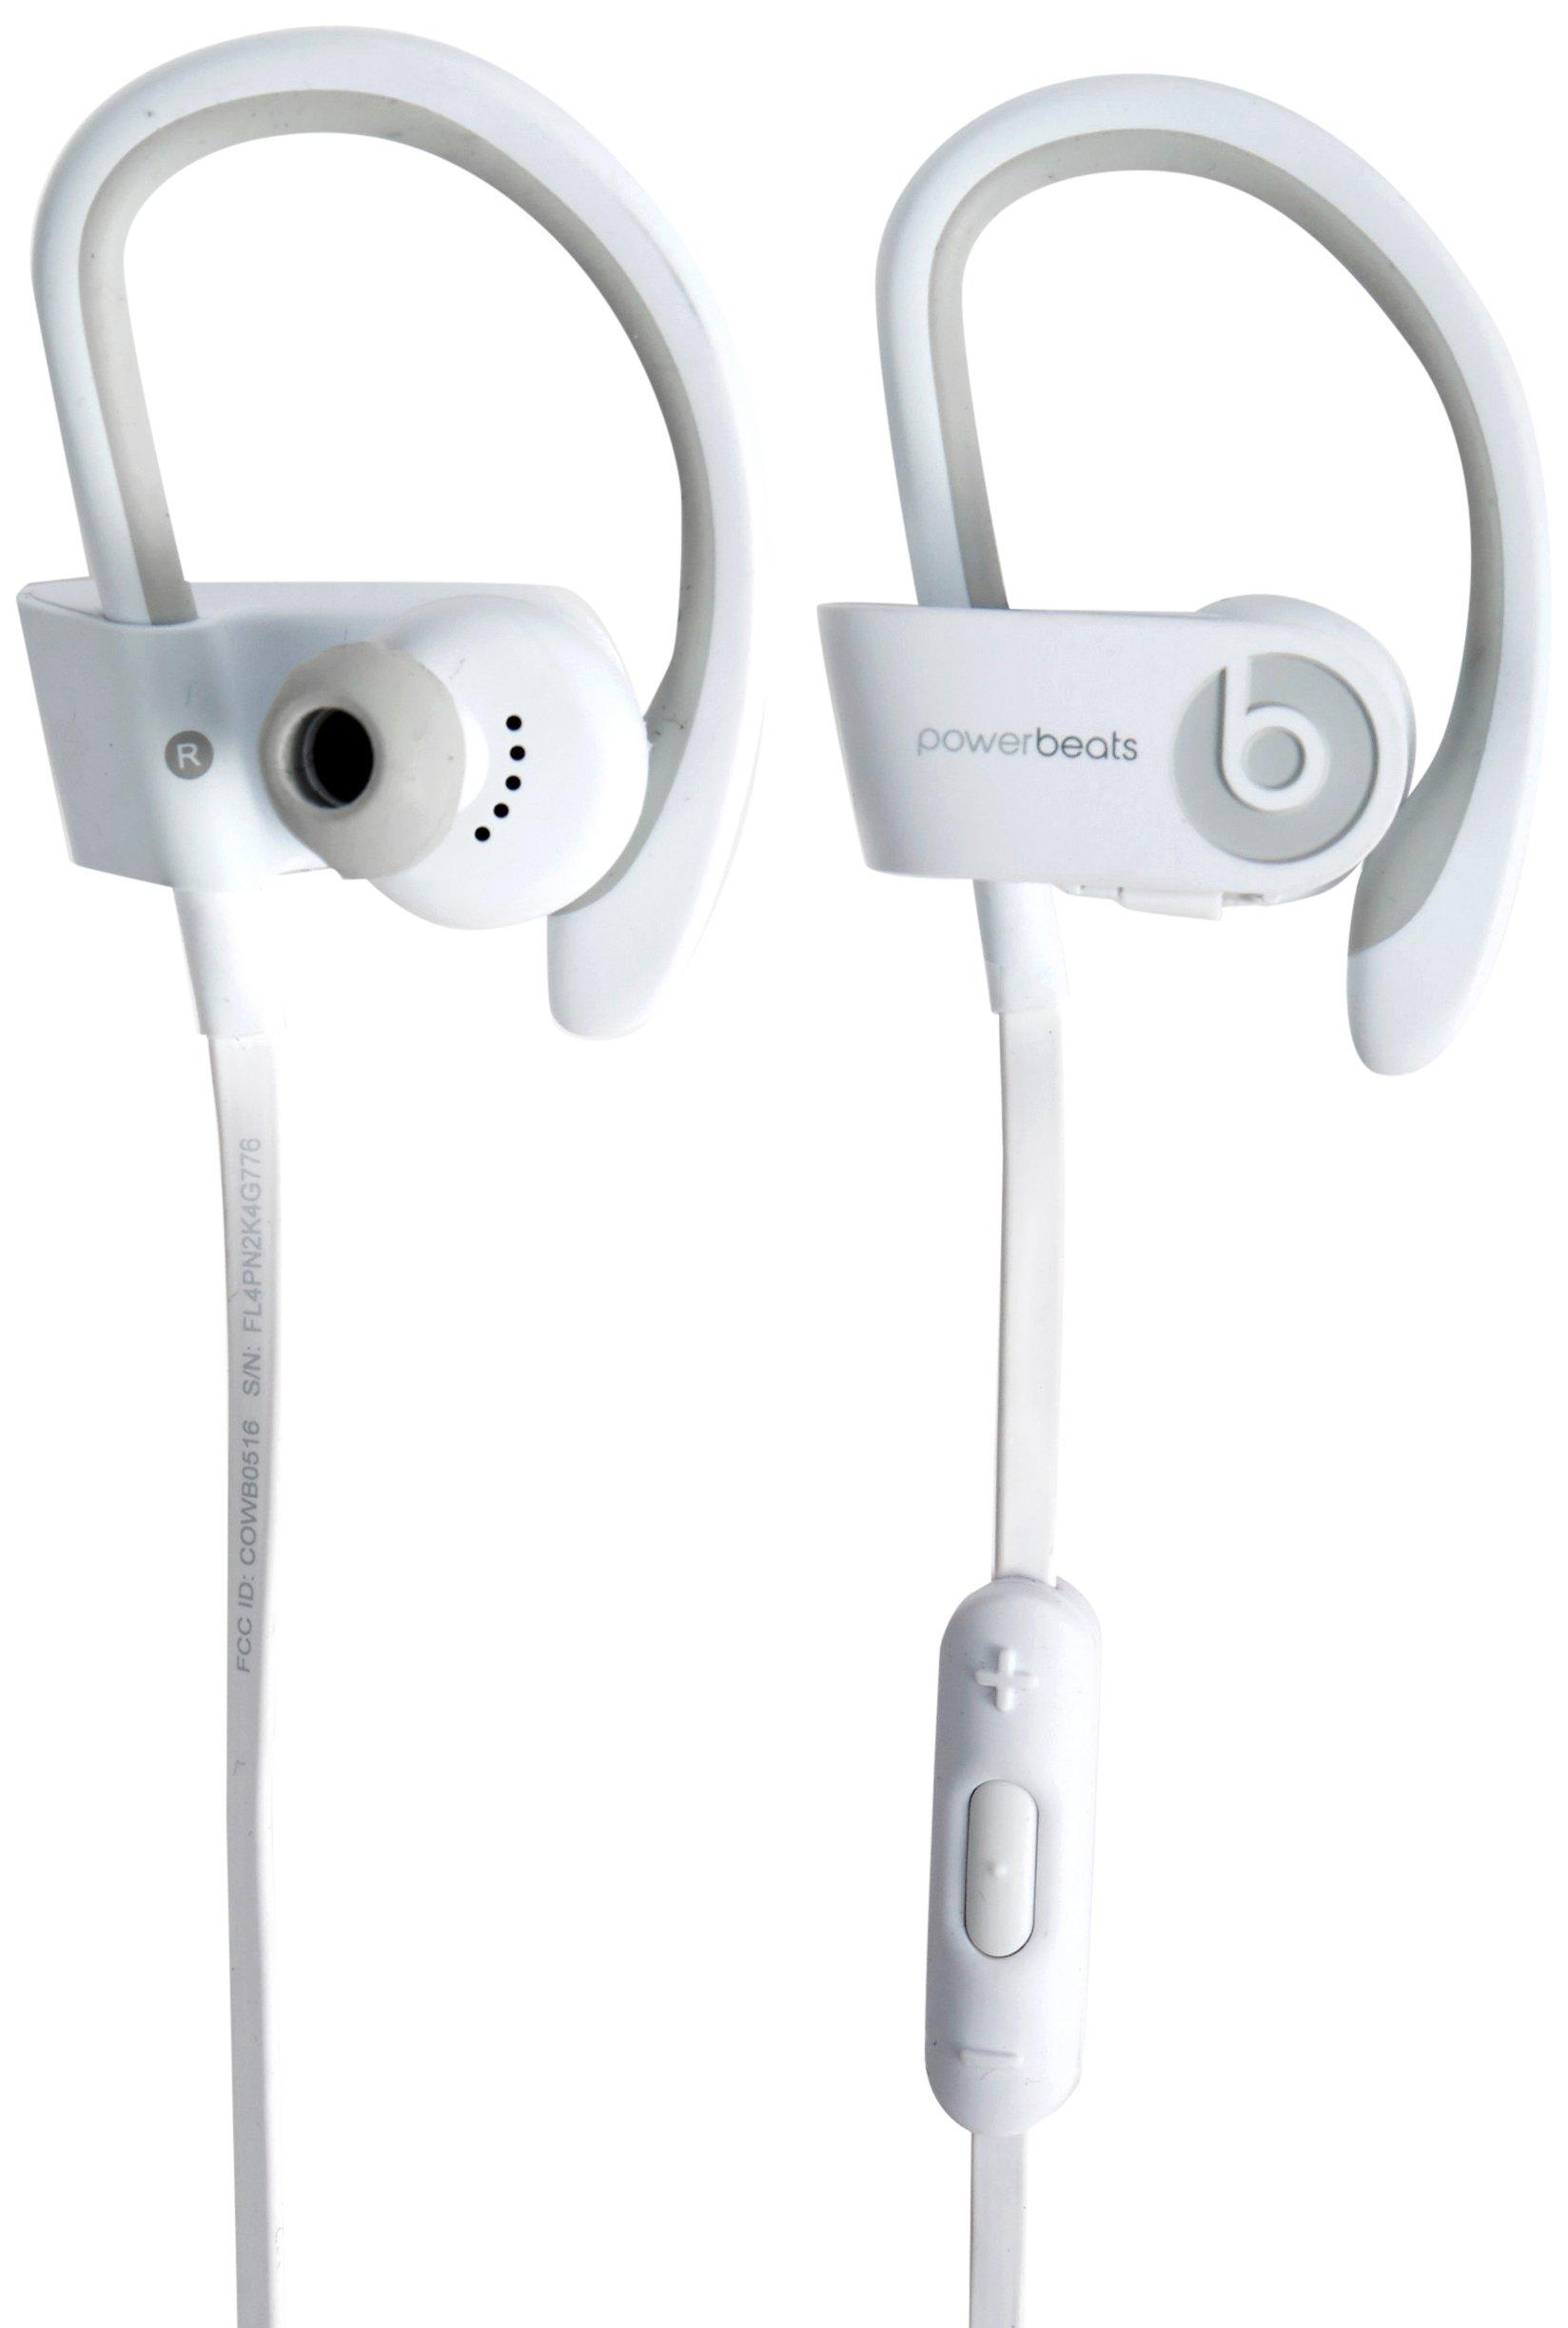 Powerbeats 2 Wireless In-Ear Headphone - White